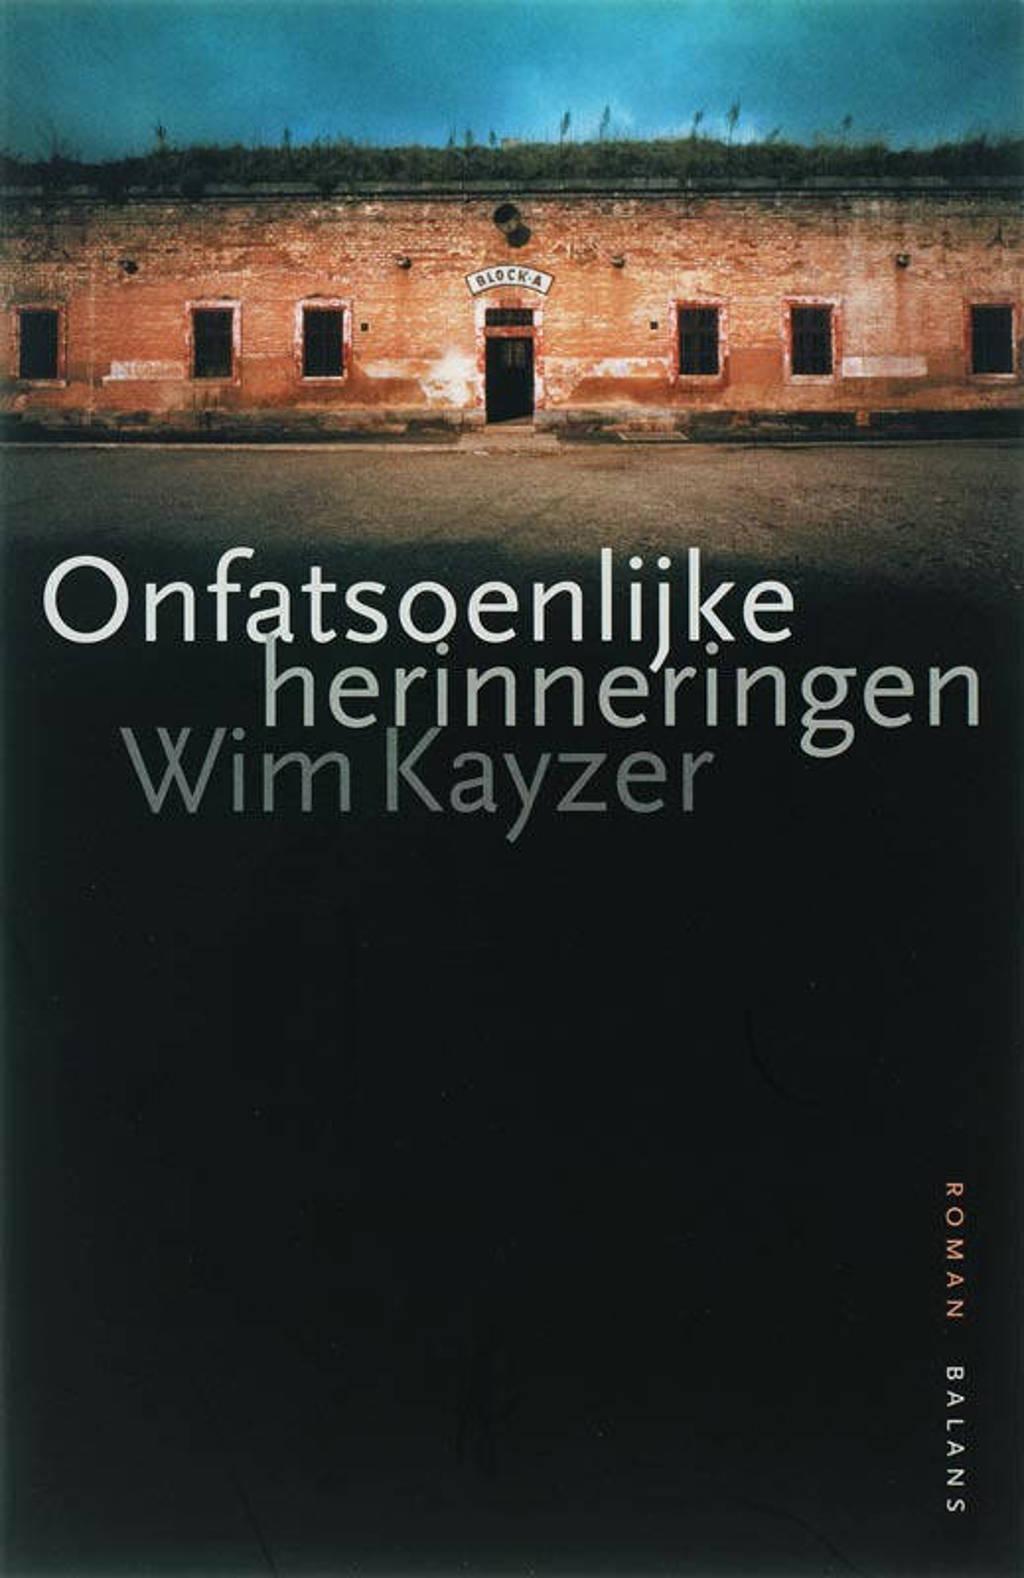 Onfatsoenlijke herinneringen - W. Kayzer